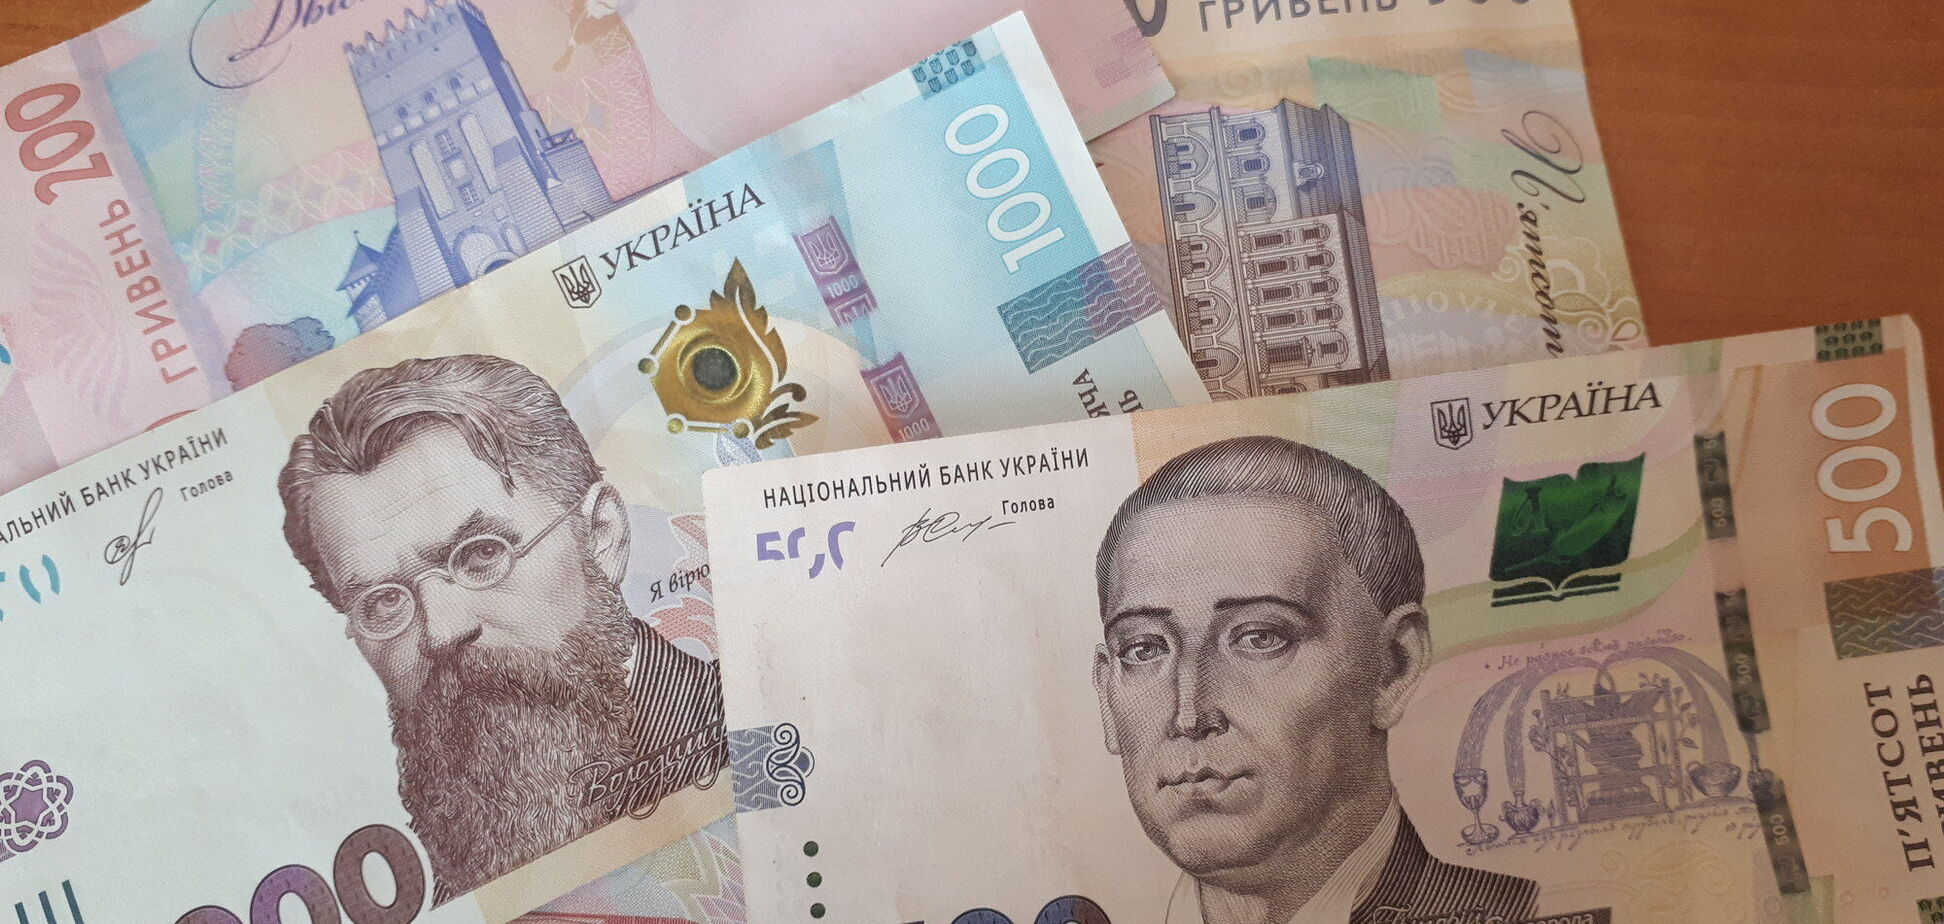 В НБУ рассказали, что происходит с ценами и курсом доллара в Украине